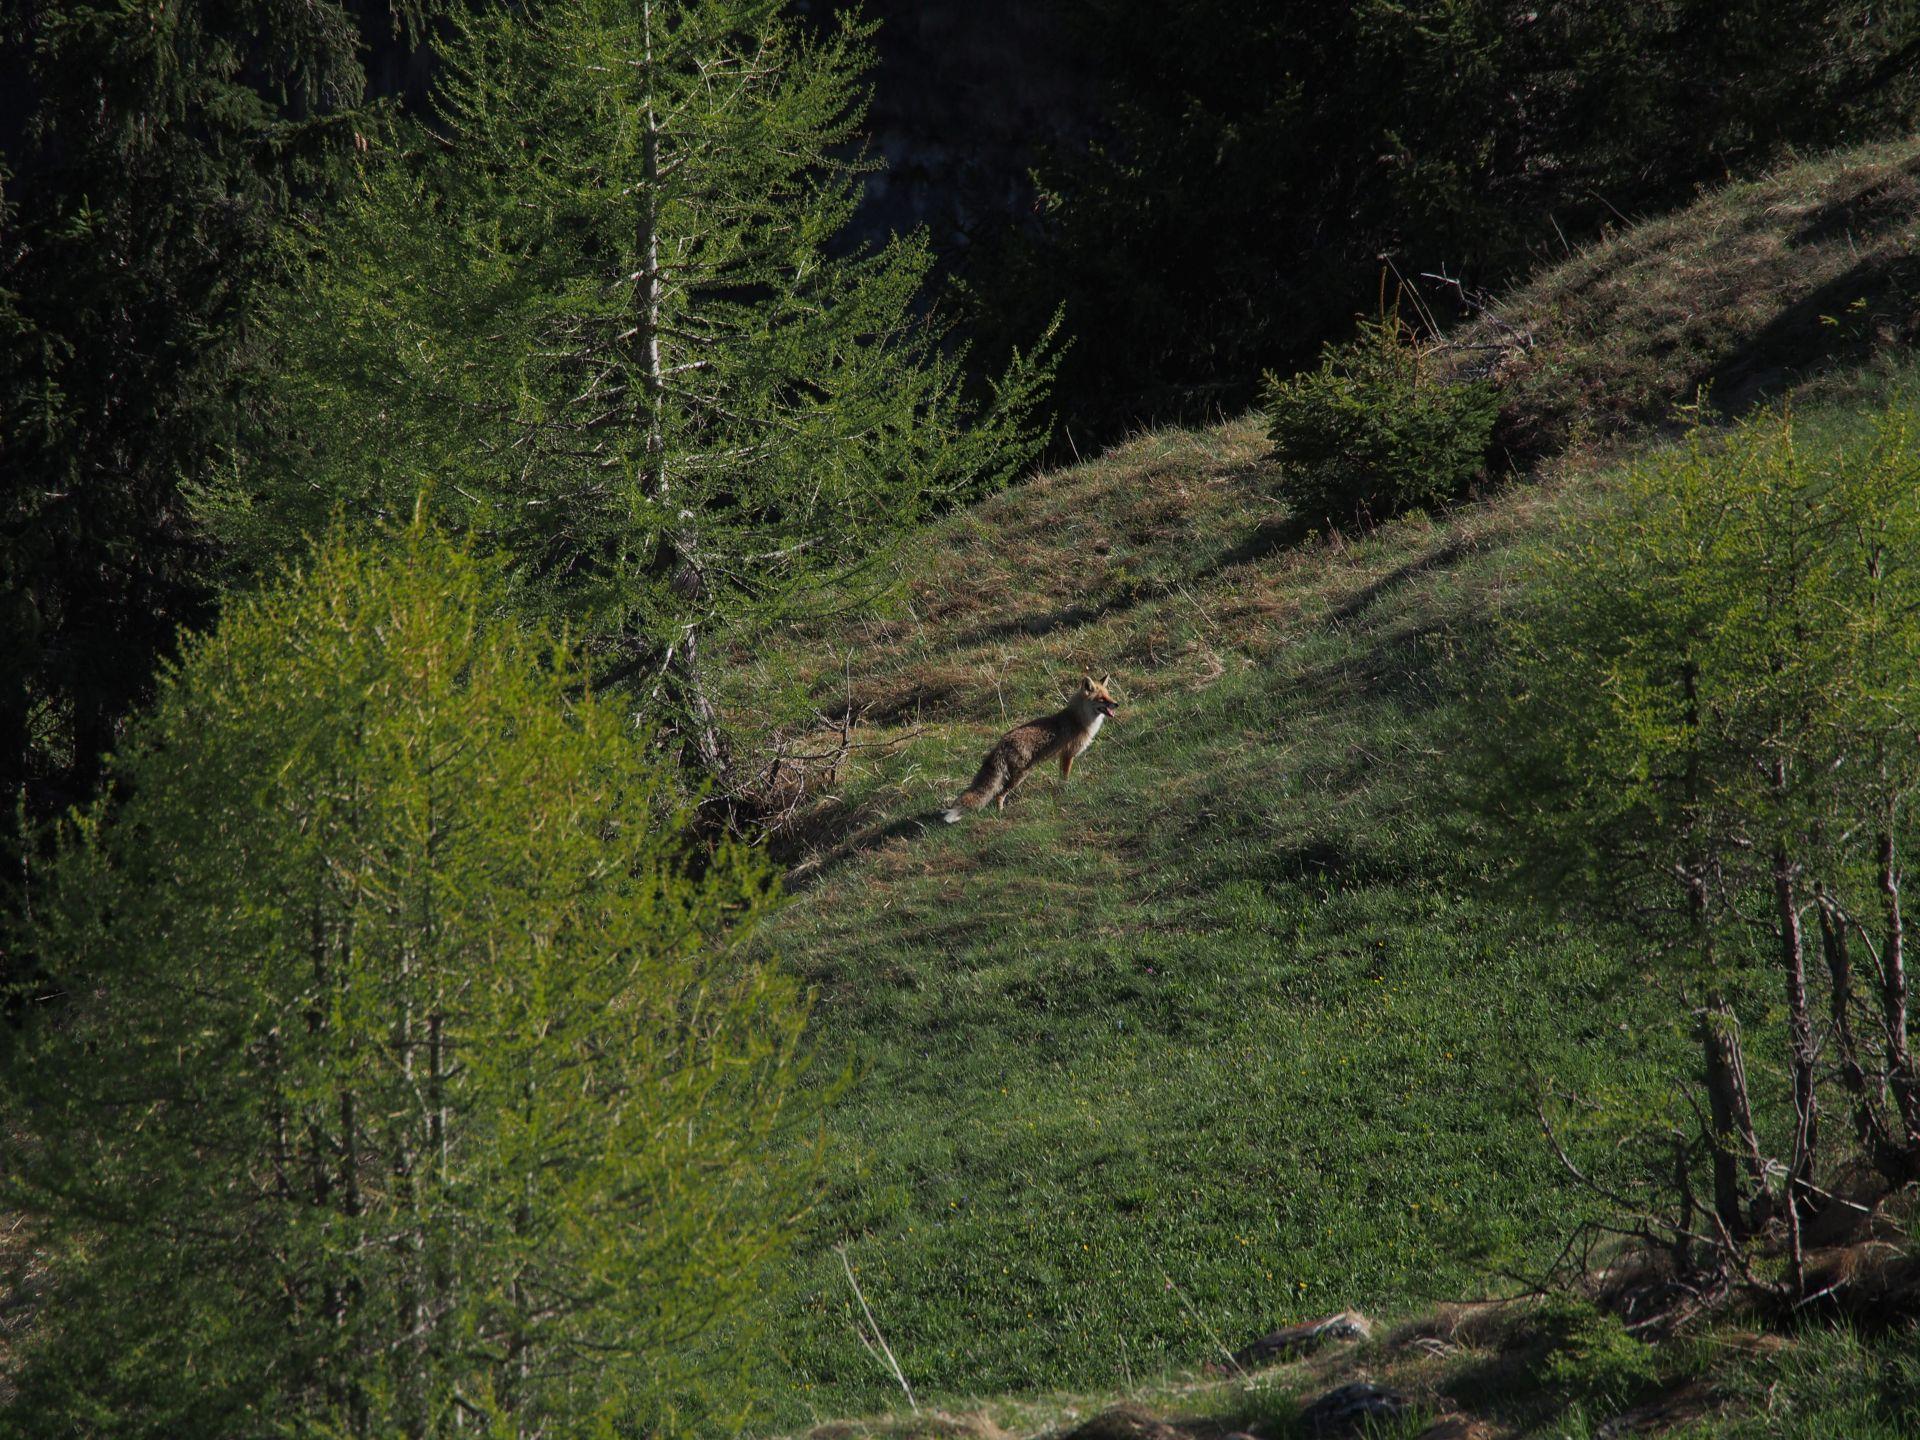 Ab Donnerstag 23. Mai: Jagdschiessanlage zum Training geöffnet